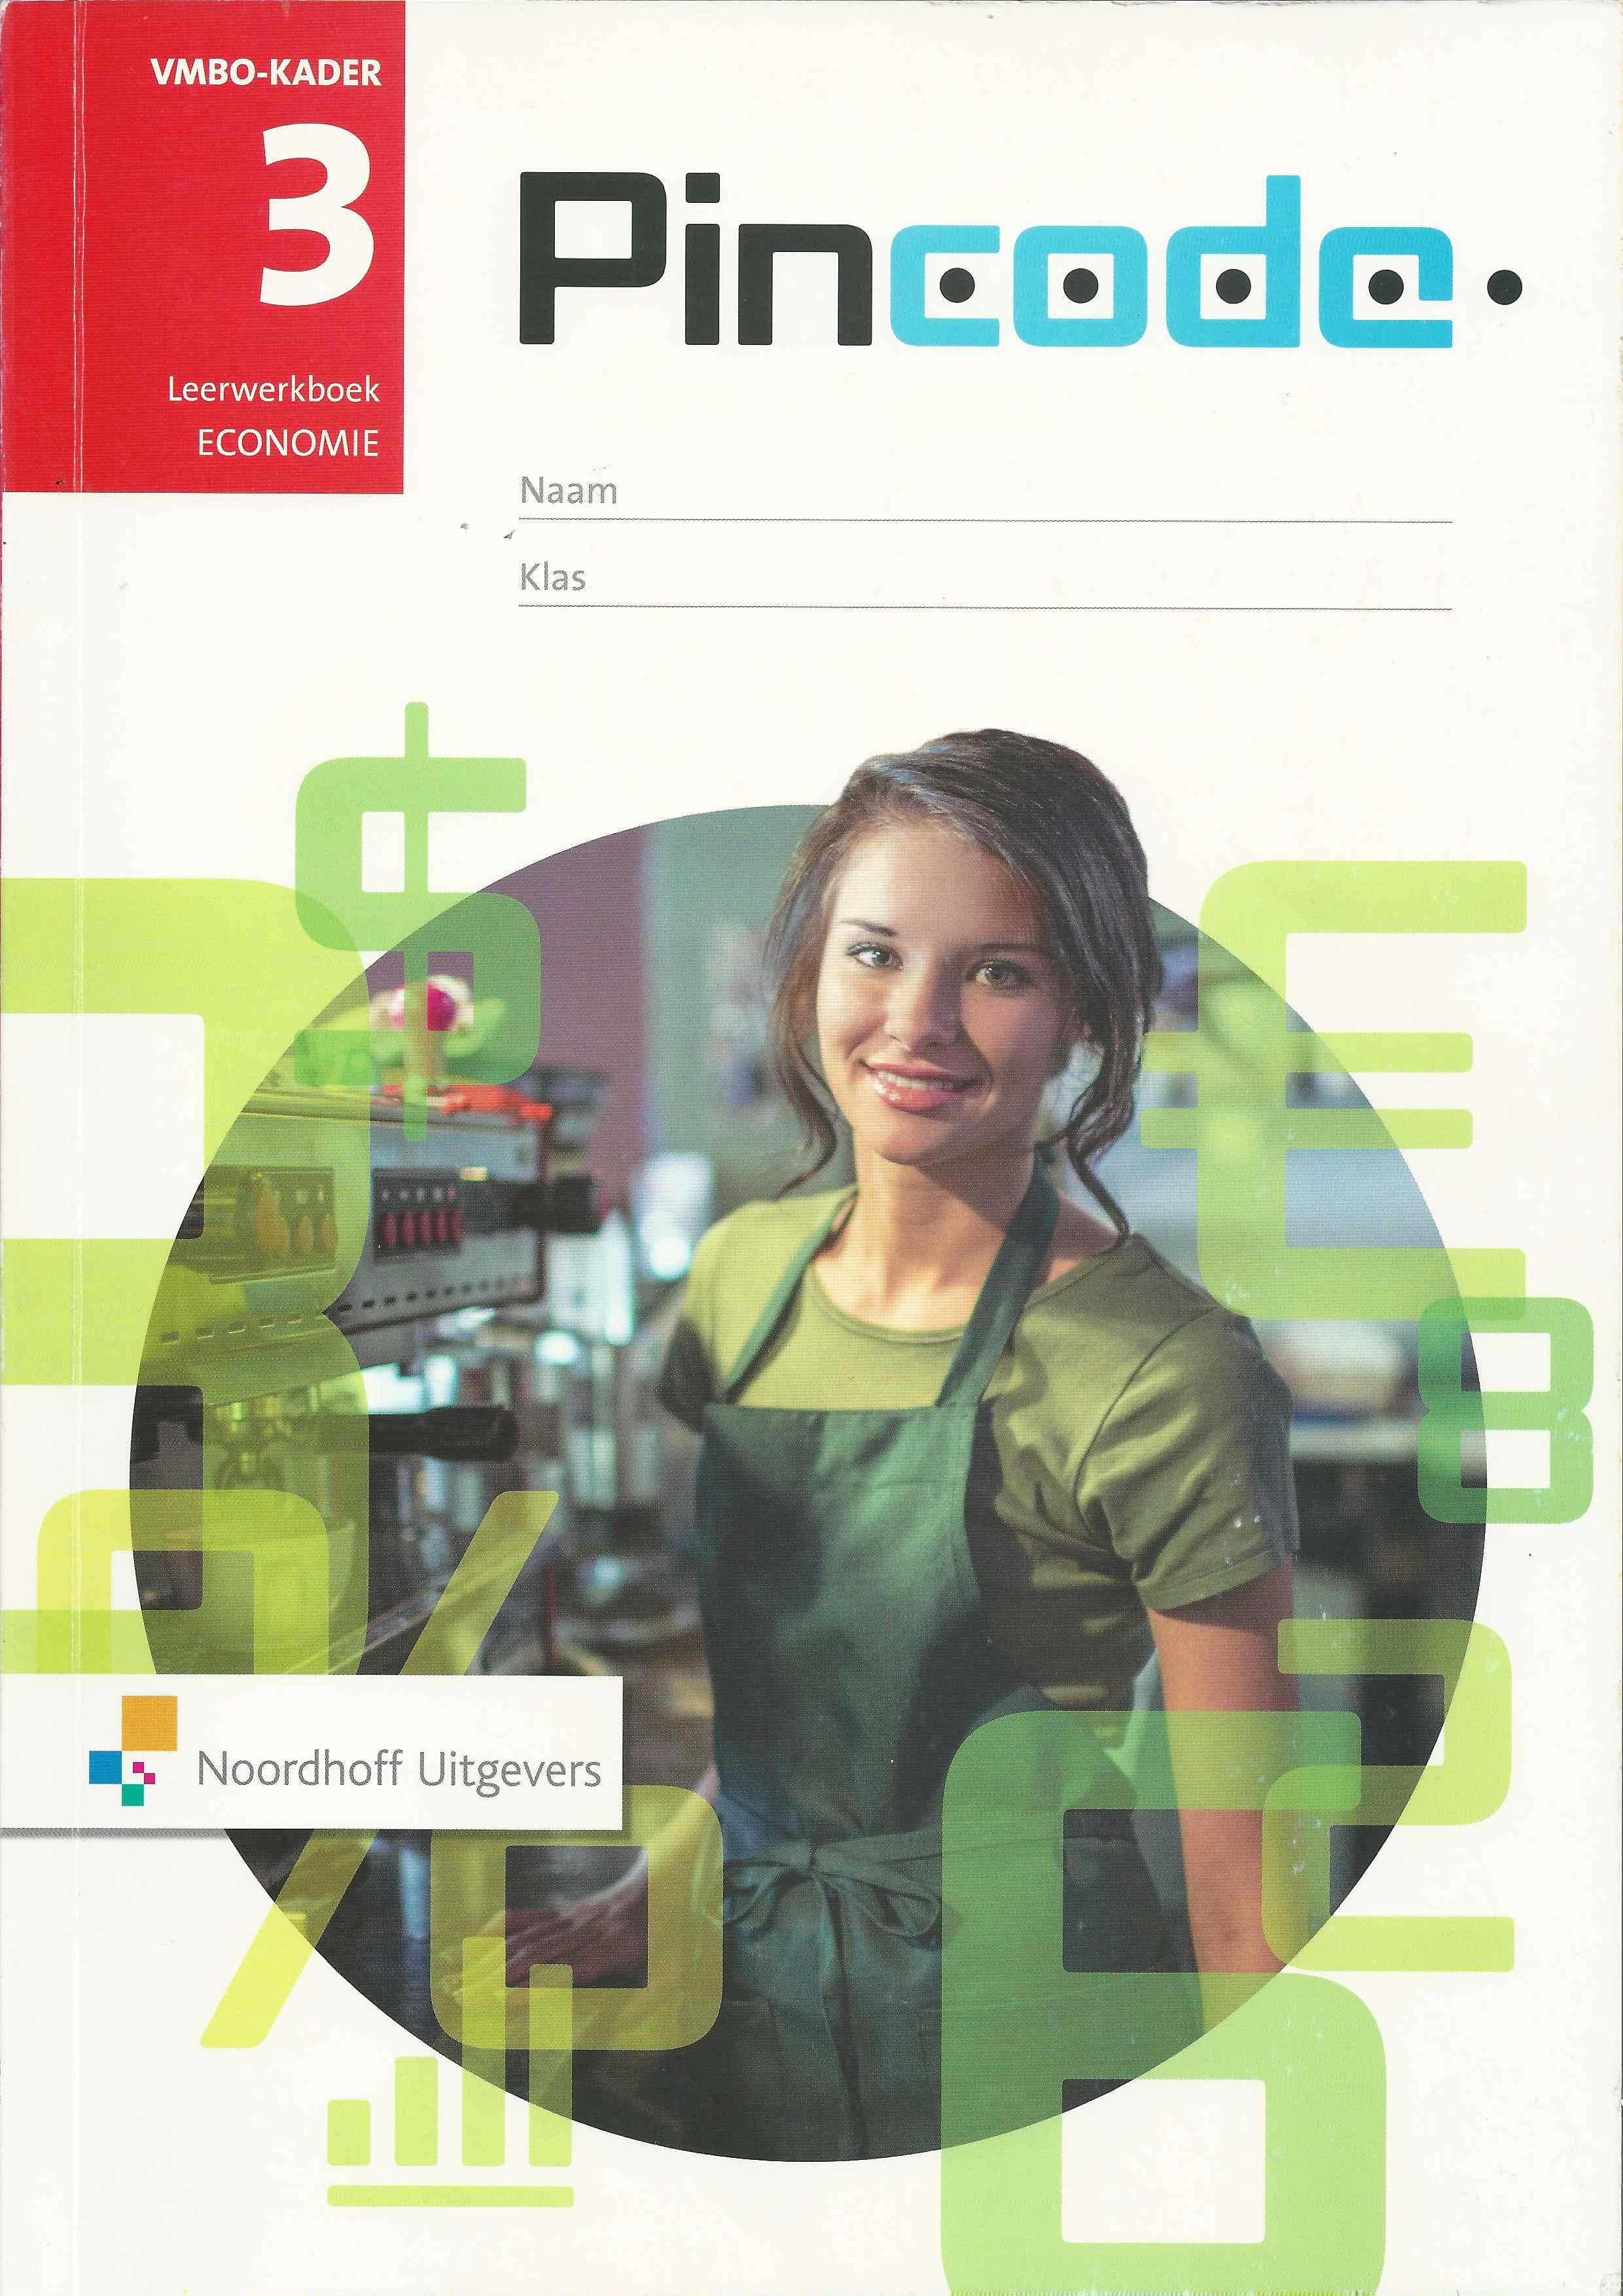 leerwerkboek klas 3 kader